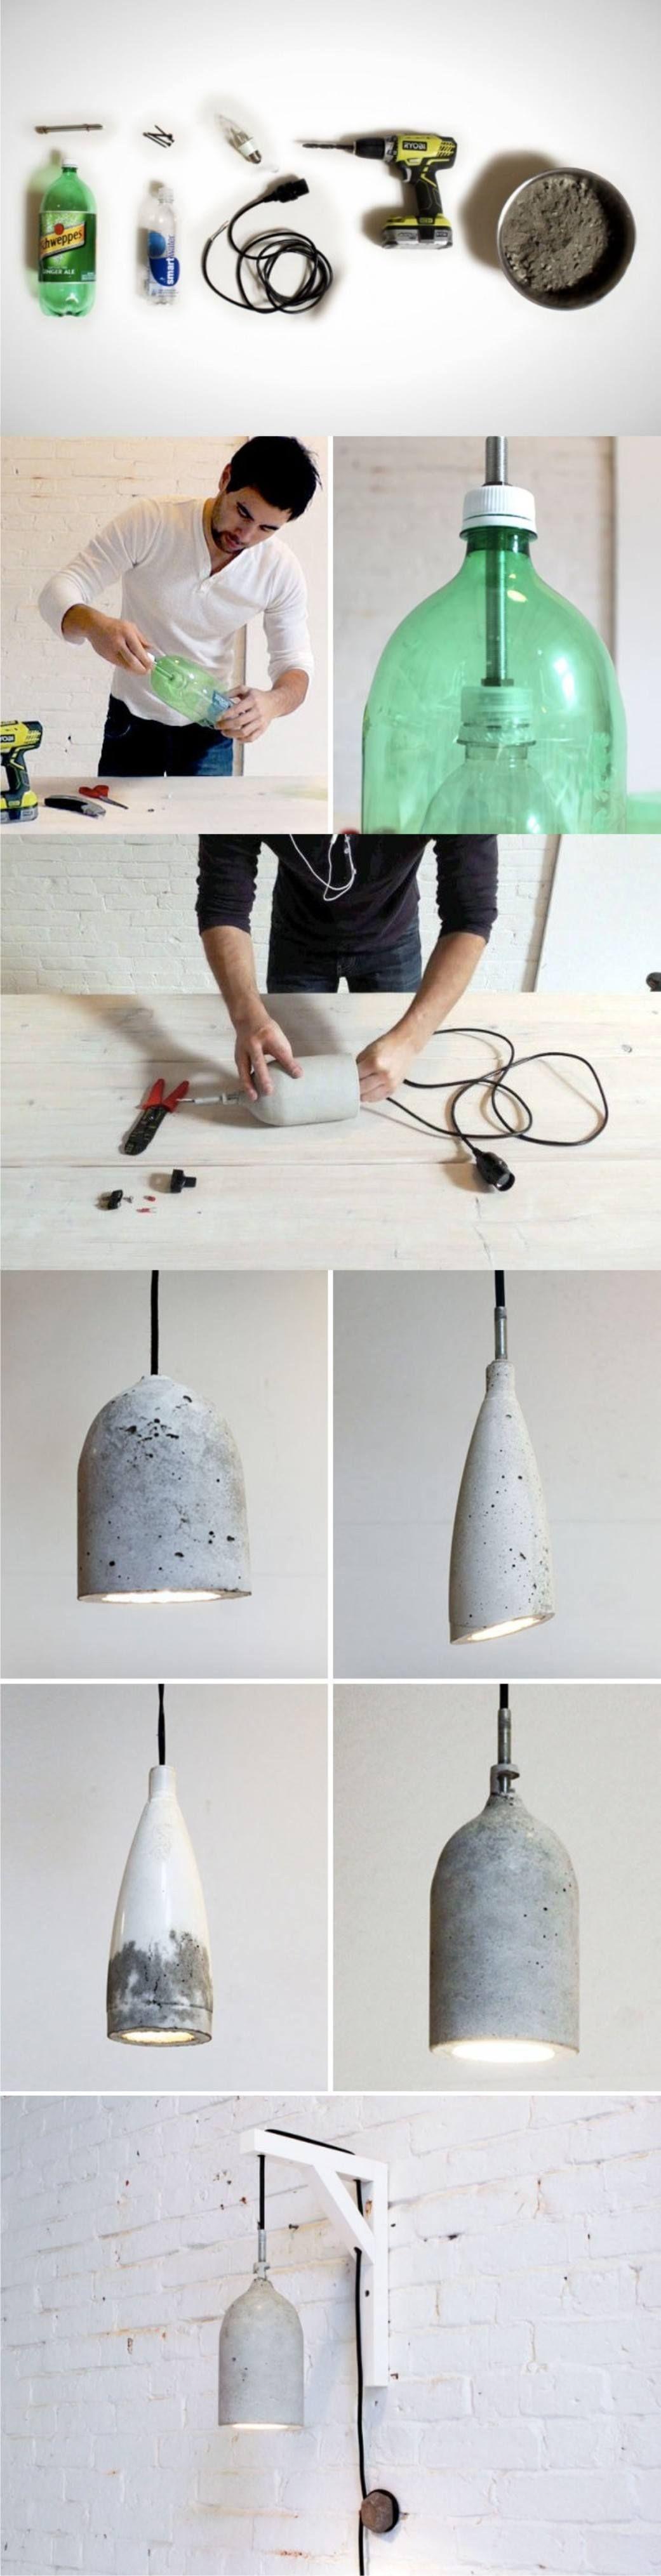 Lampara Diy De Hormigon Bricolage En Beton Deco Beton Lampe En Beton